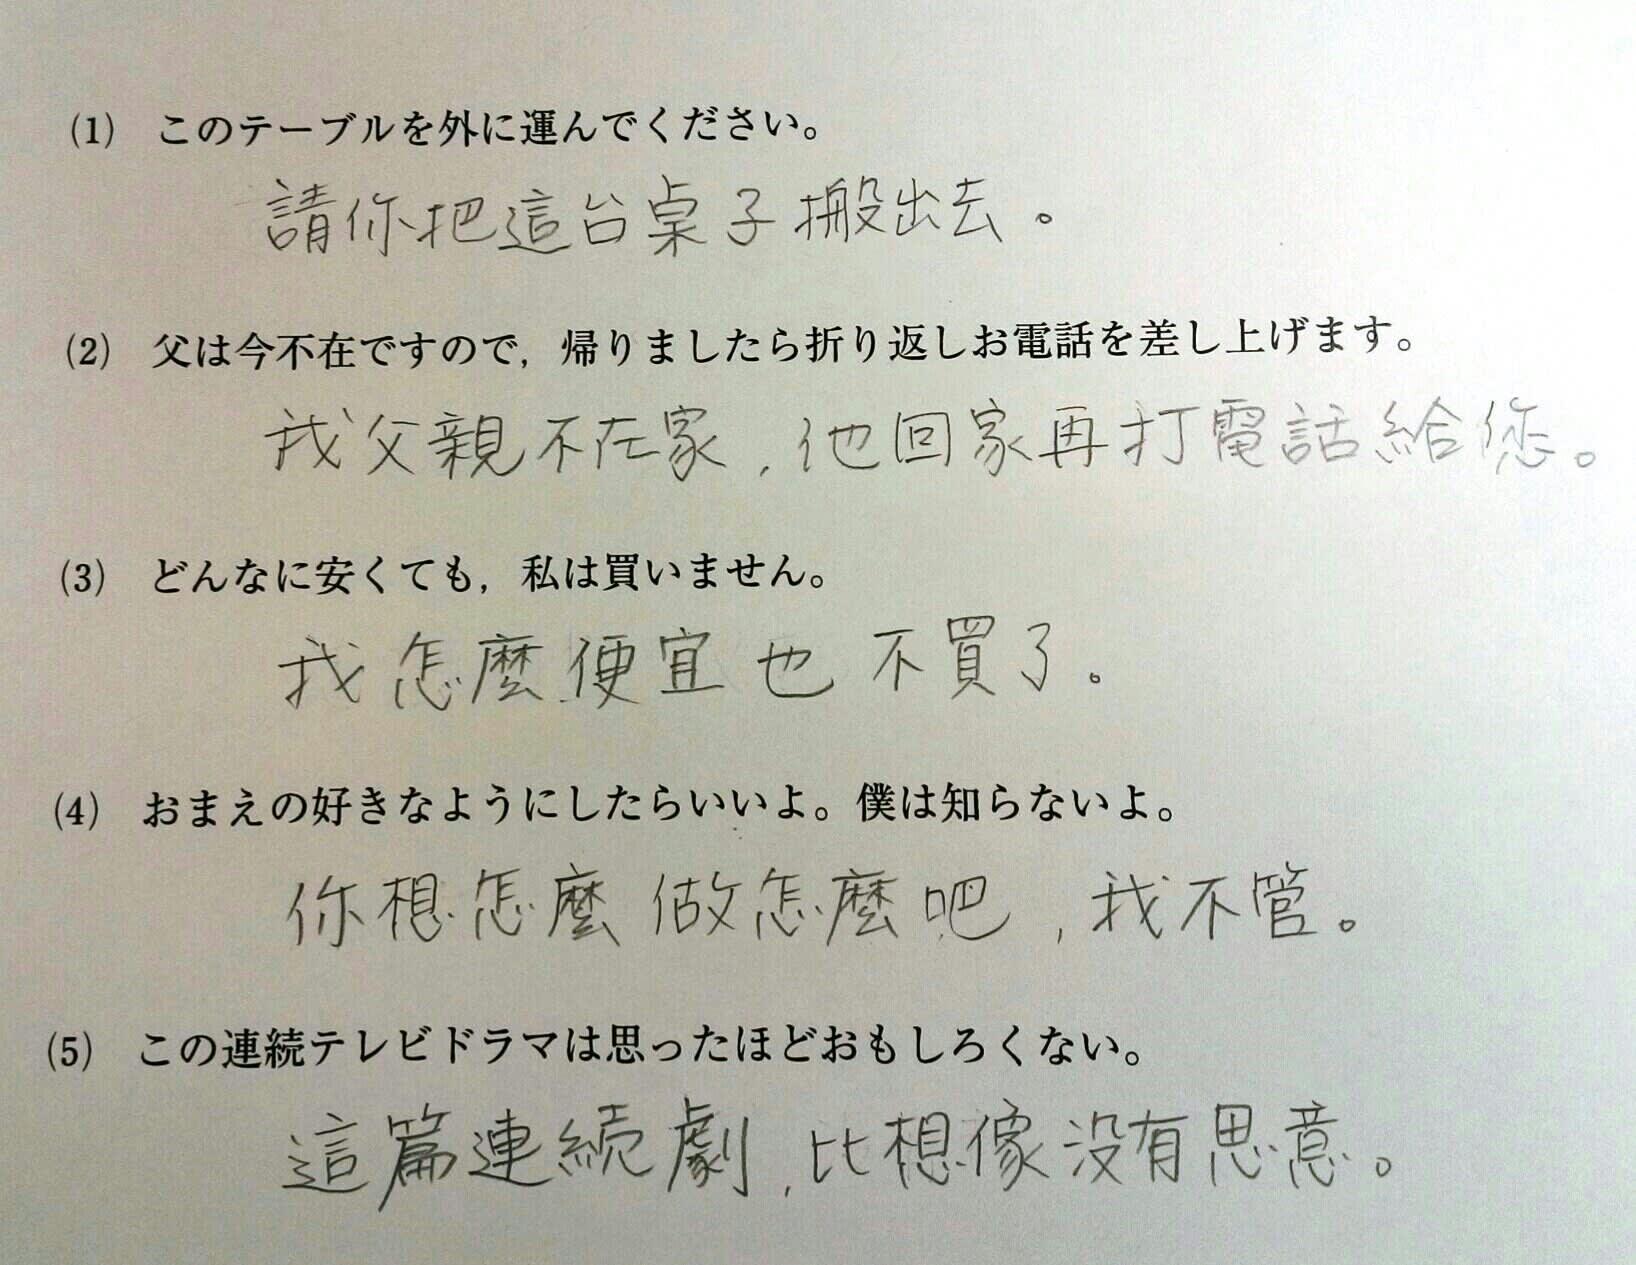 お天気 検定 キーワード 9 月